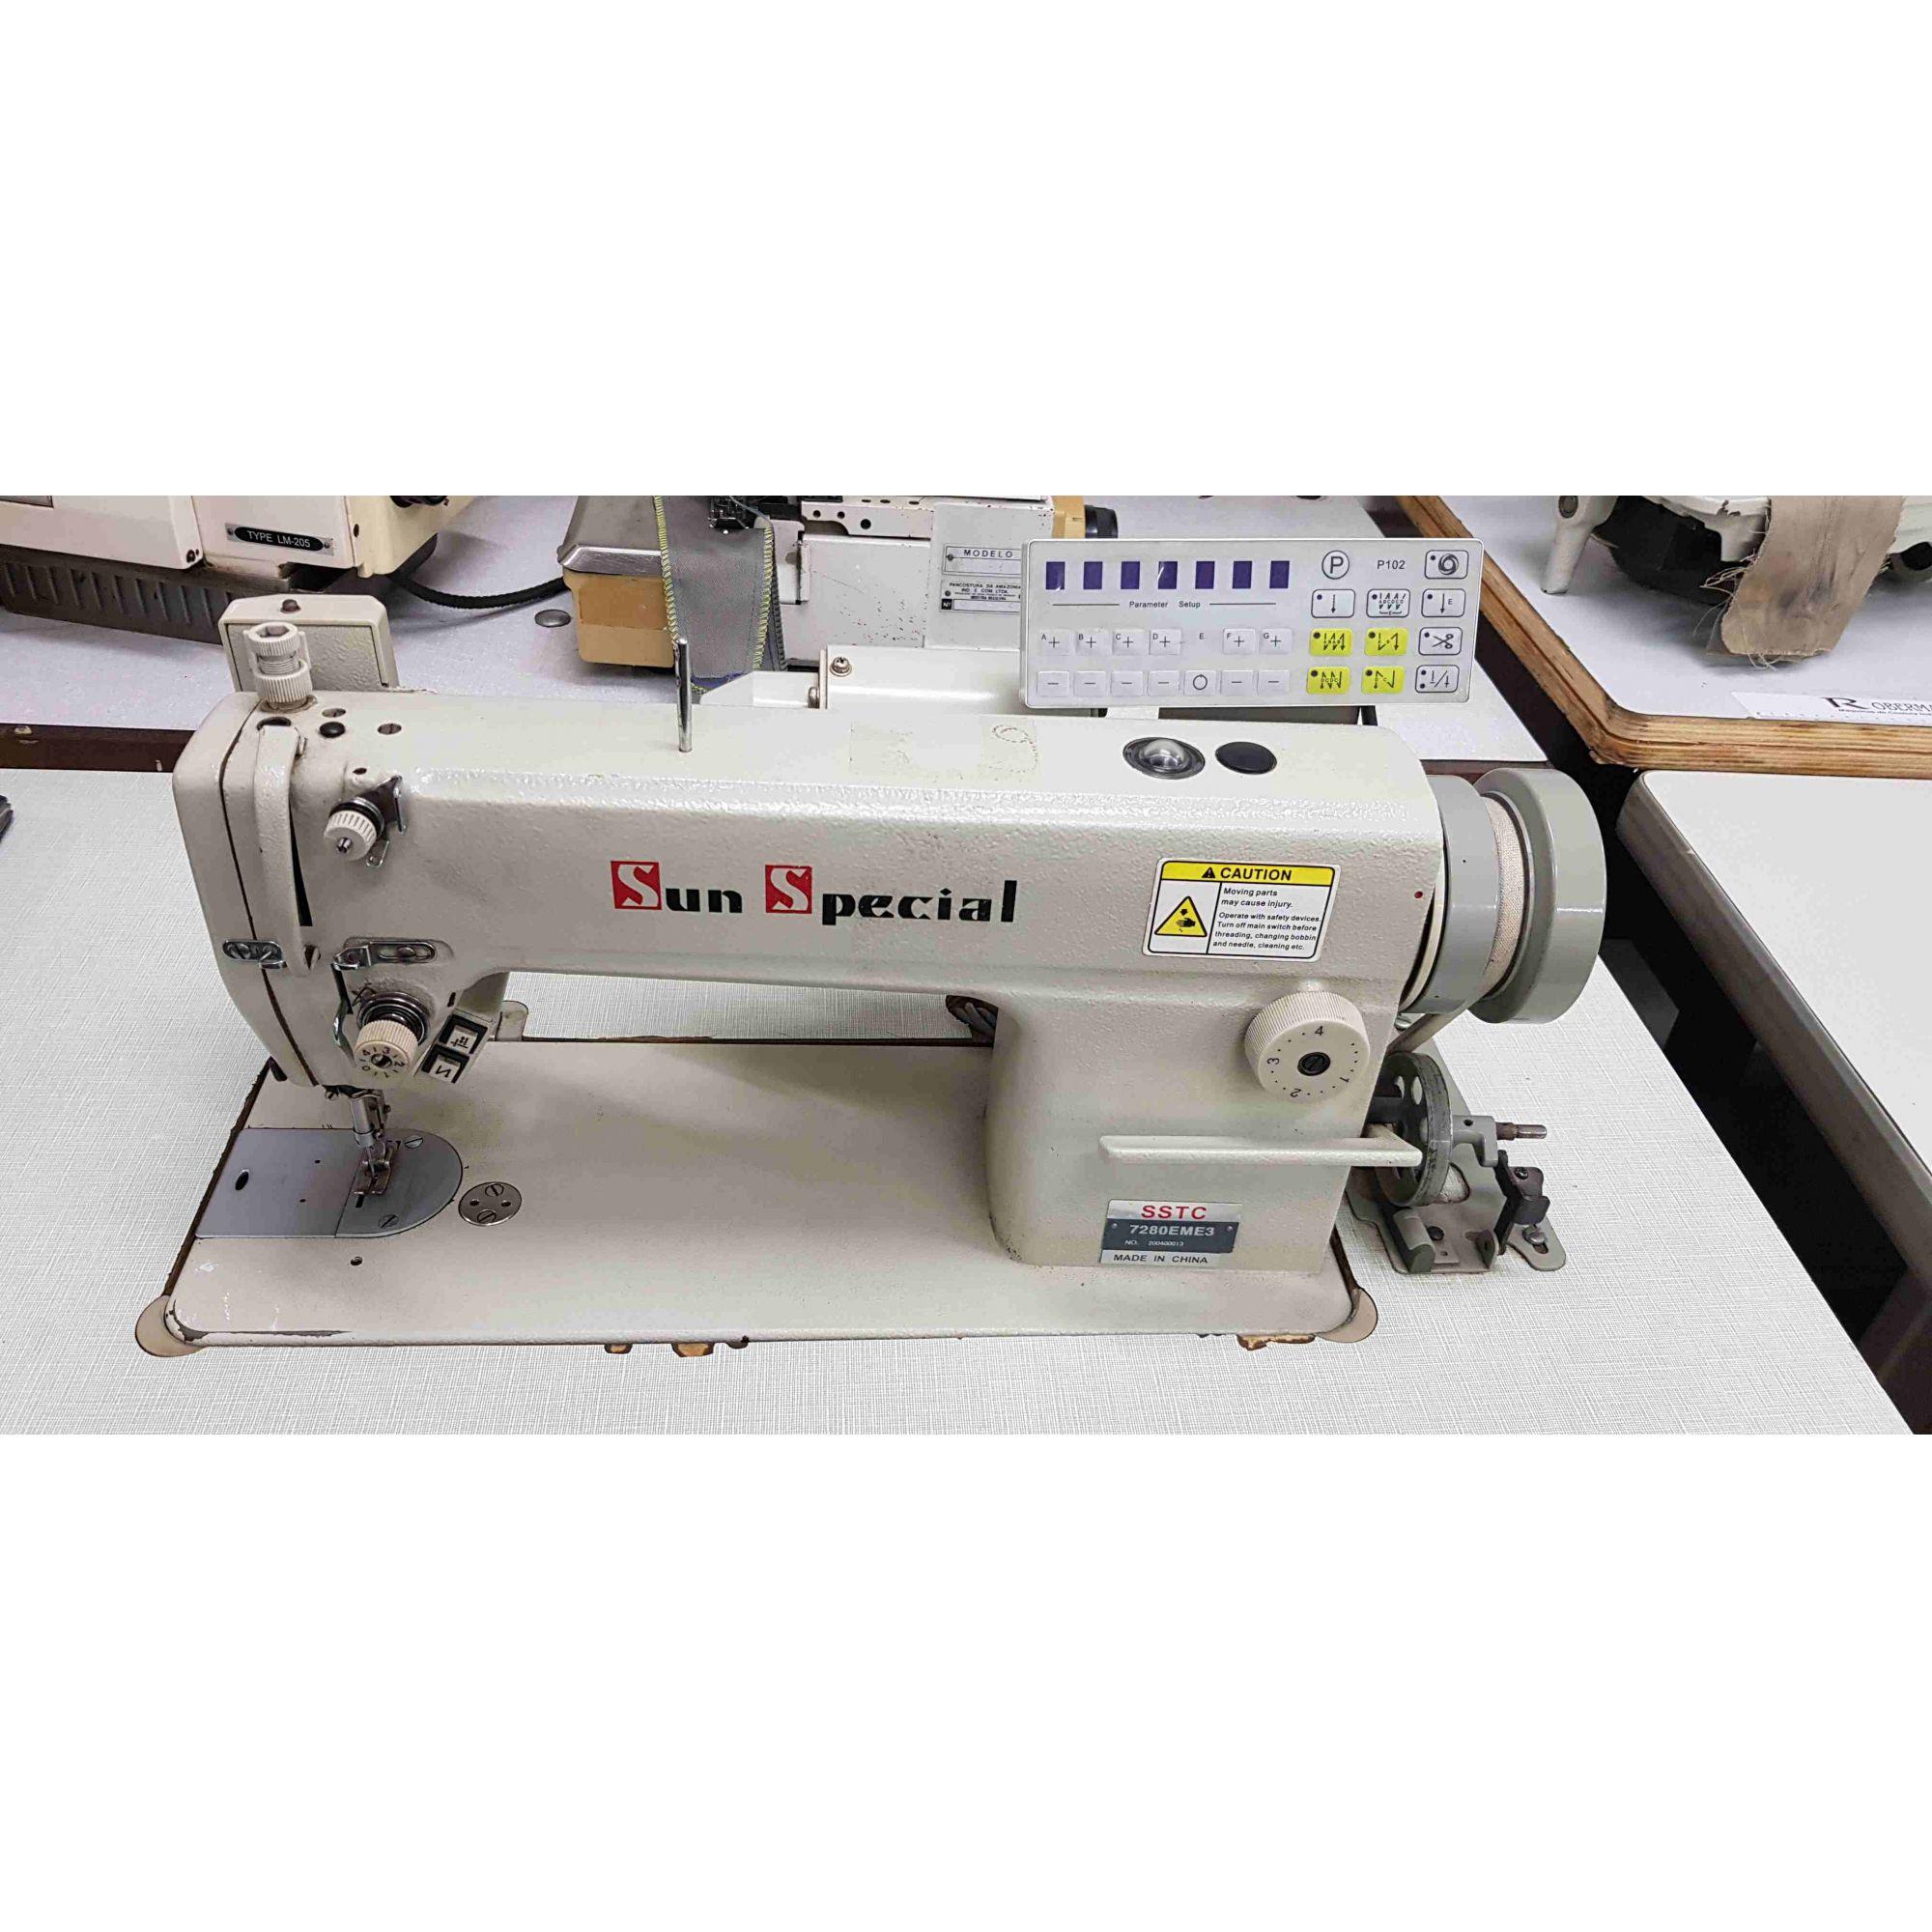 SUN SPECIAL -  RETA ELETRÔNICA USADA  - BH Máquinas de Costura